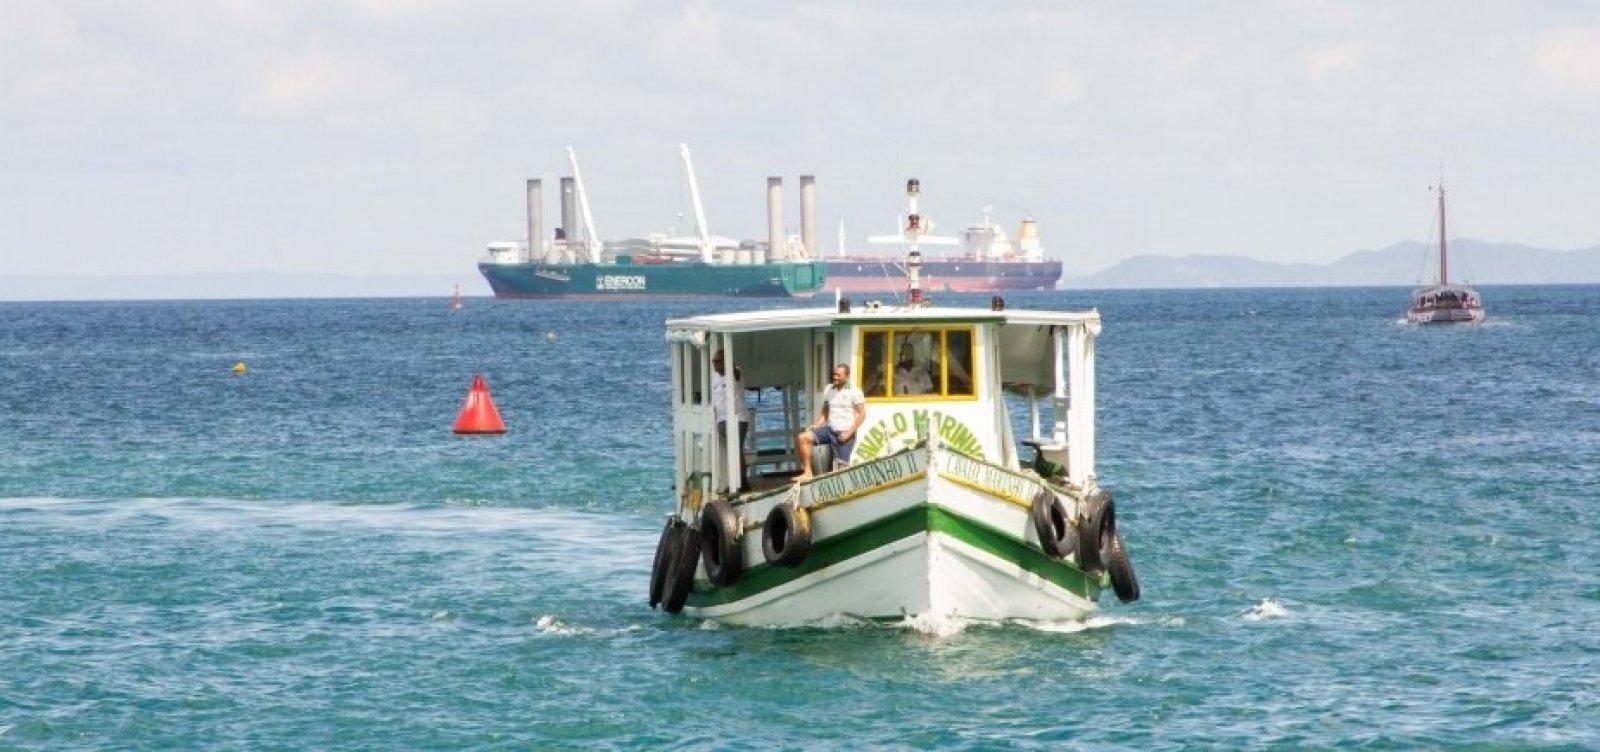 Travessia Salvador-Mar Grande opera sem interrupções neste domingo